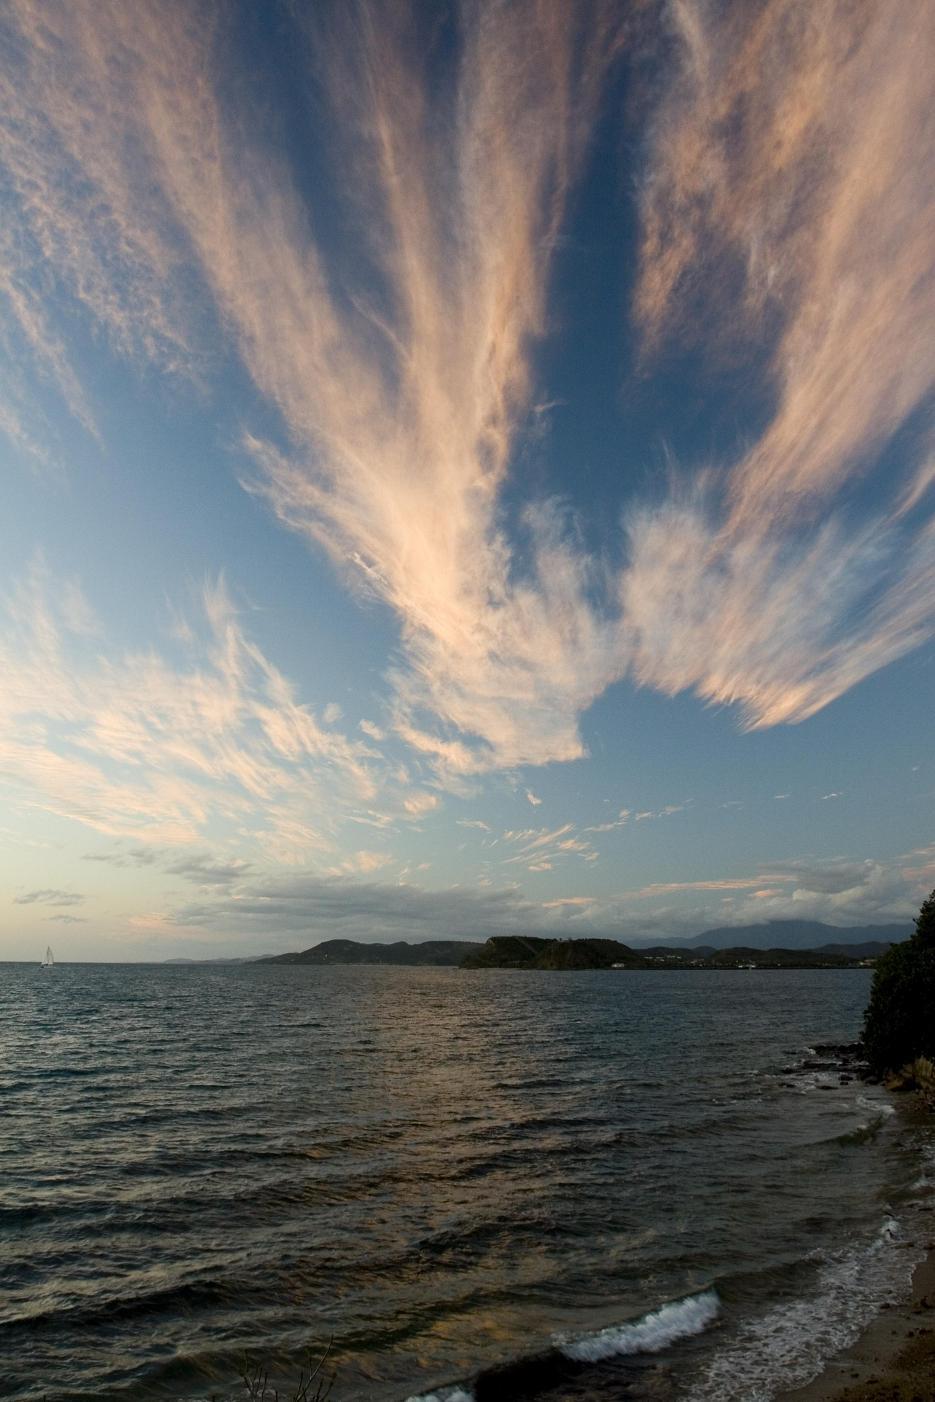 太平洋岛国7日游图片